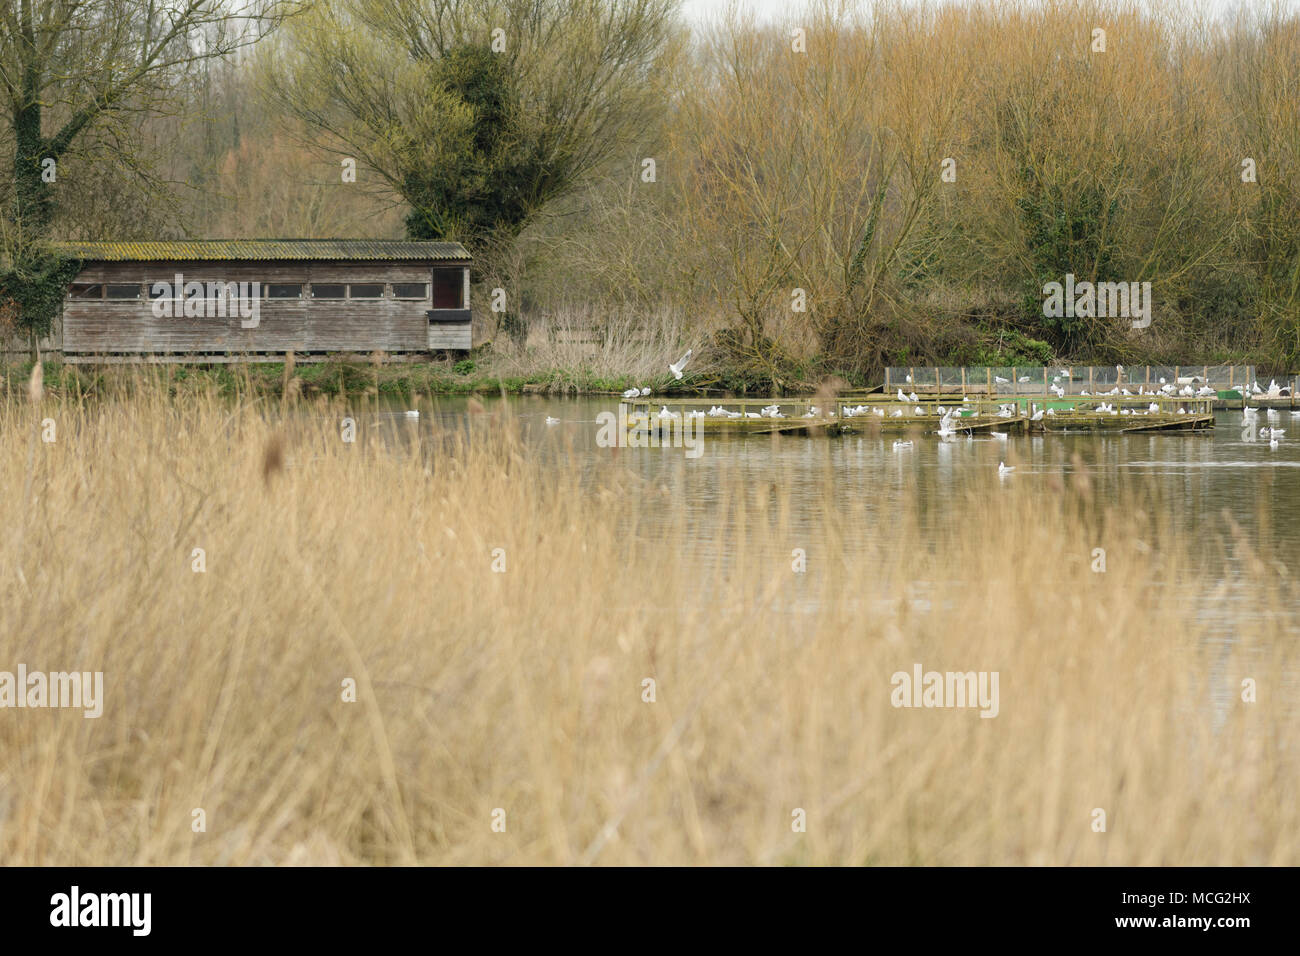 L'observation des oiseaux se cachent dans la réserve naturelle de Rye Meads, Hoddesdon, Engalnd Photo Stock